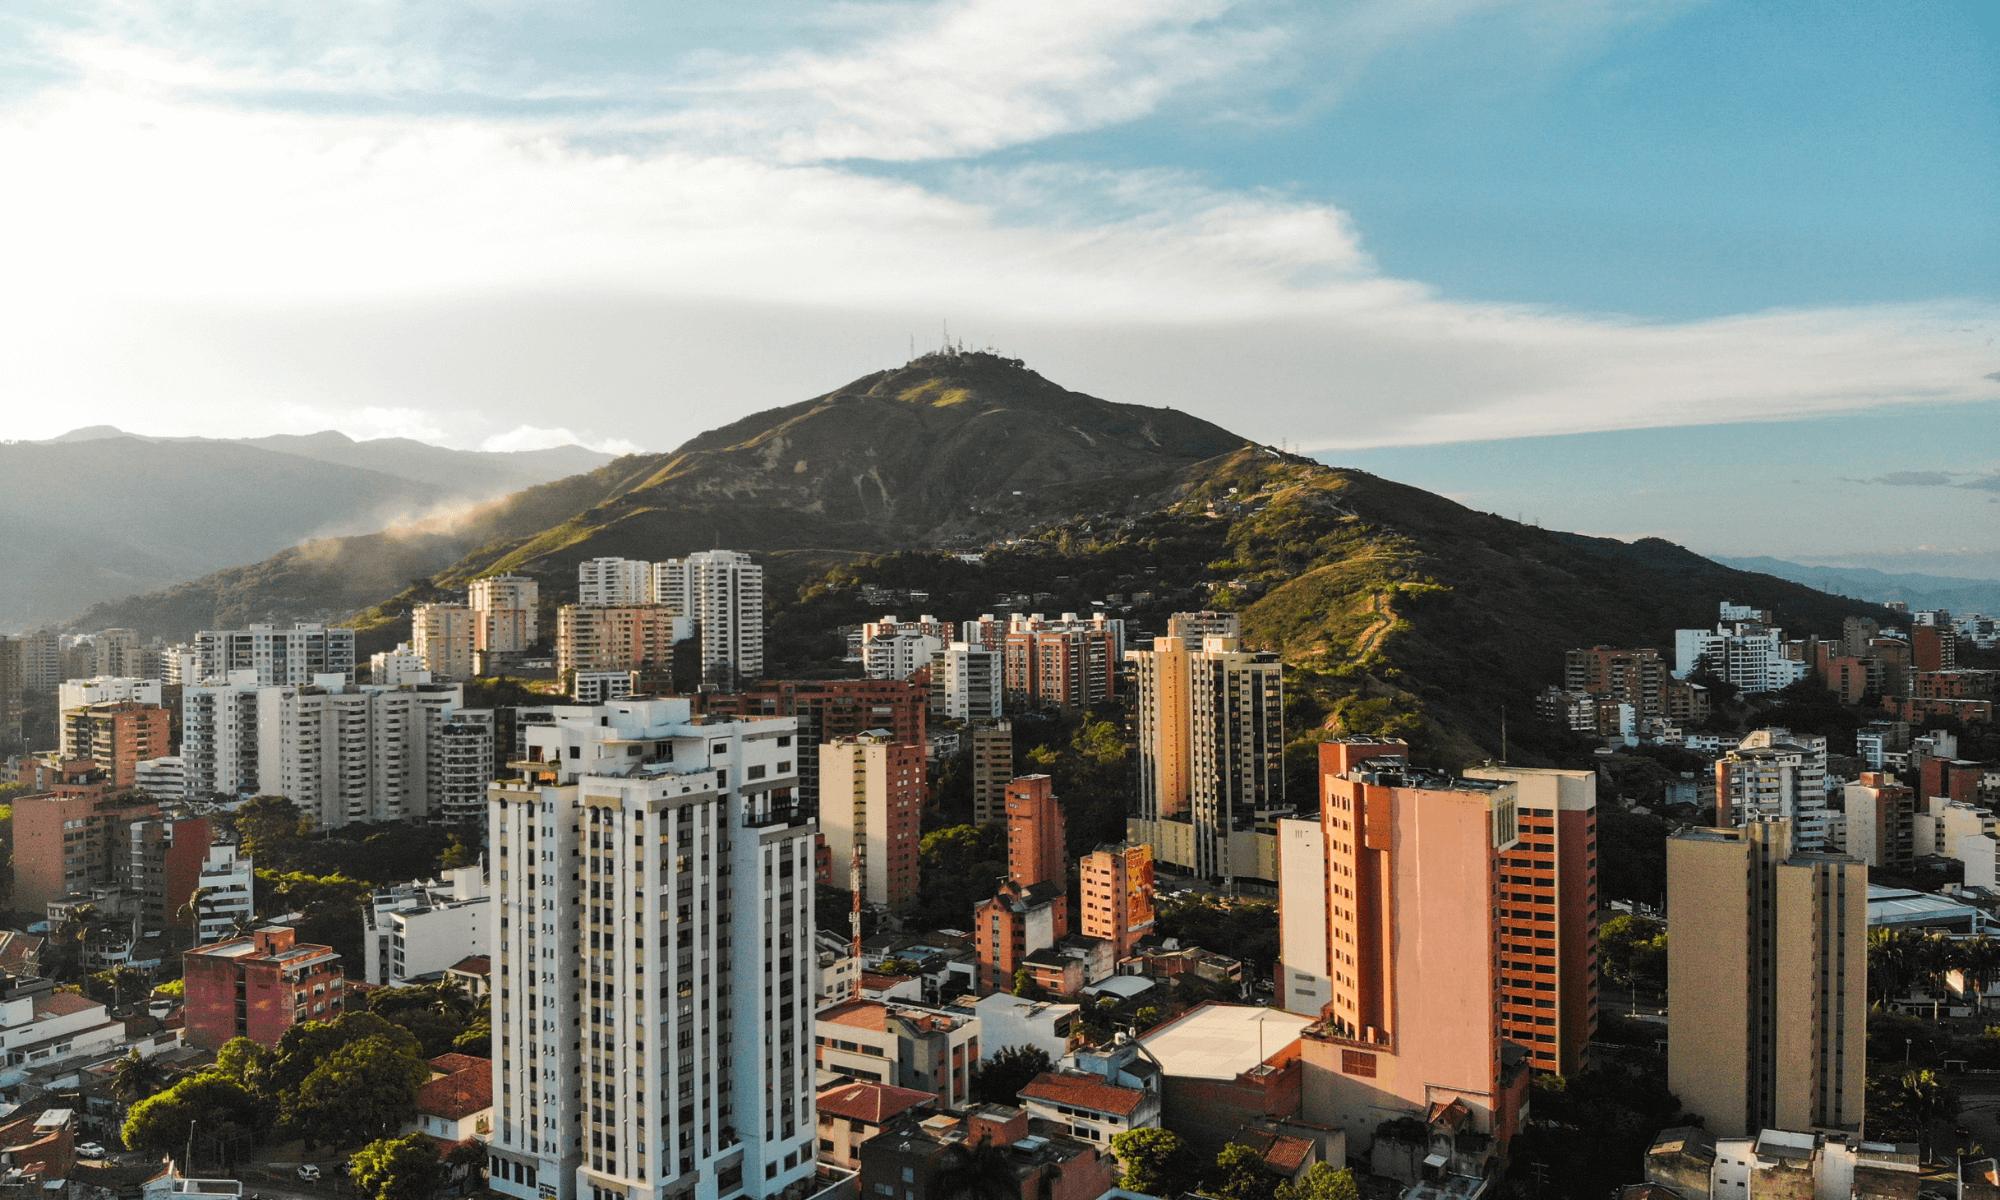 Santiago de Cali el destino turístico emergente líder en América del Sur que no te puedes perder de conocer 3